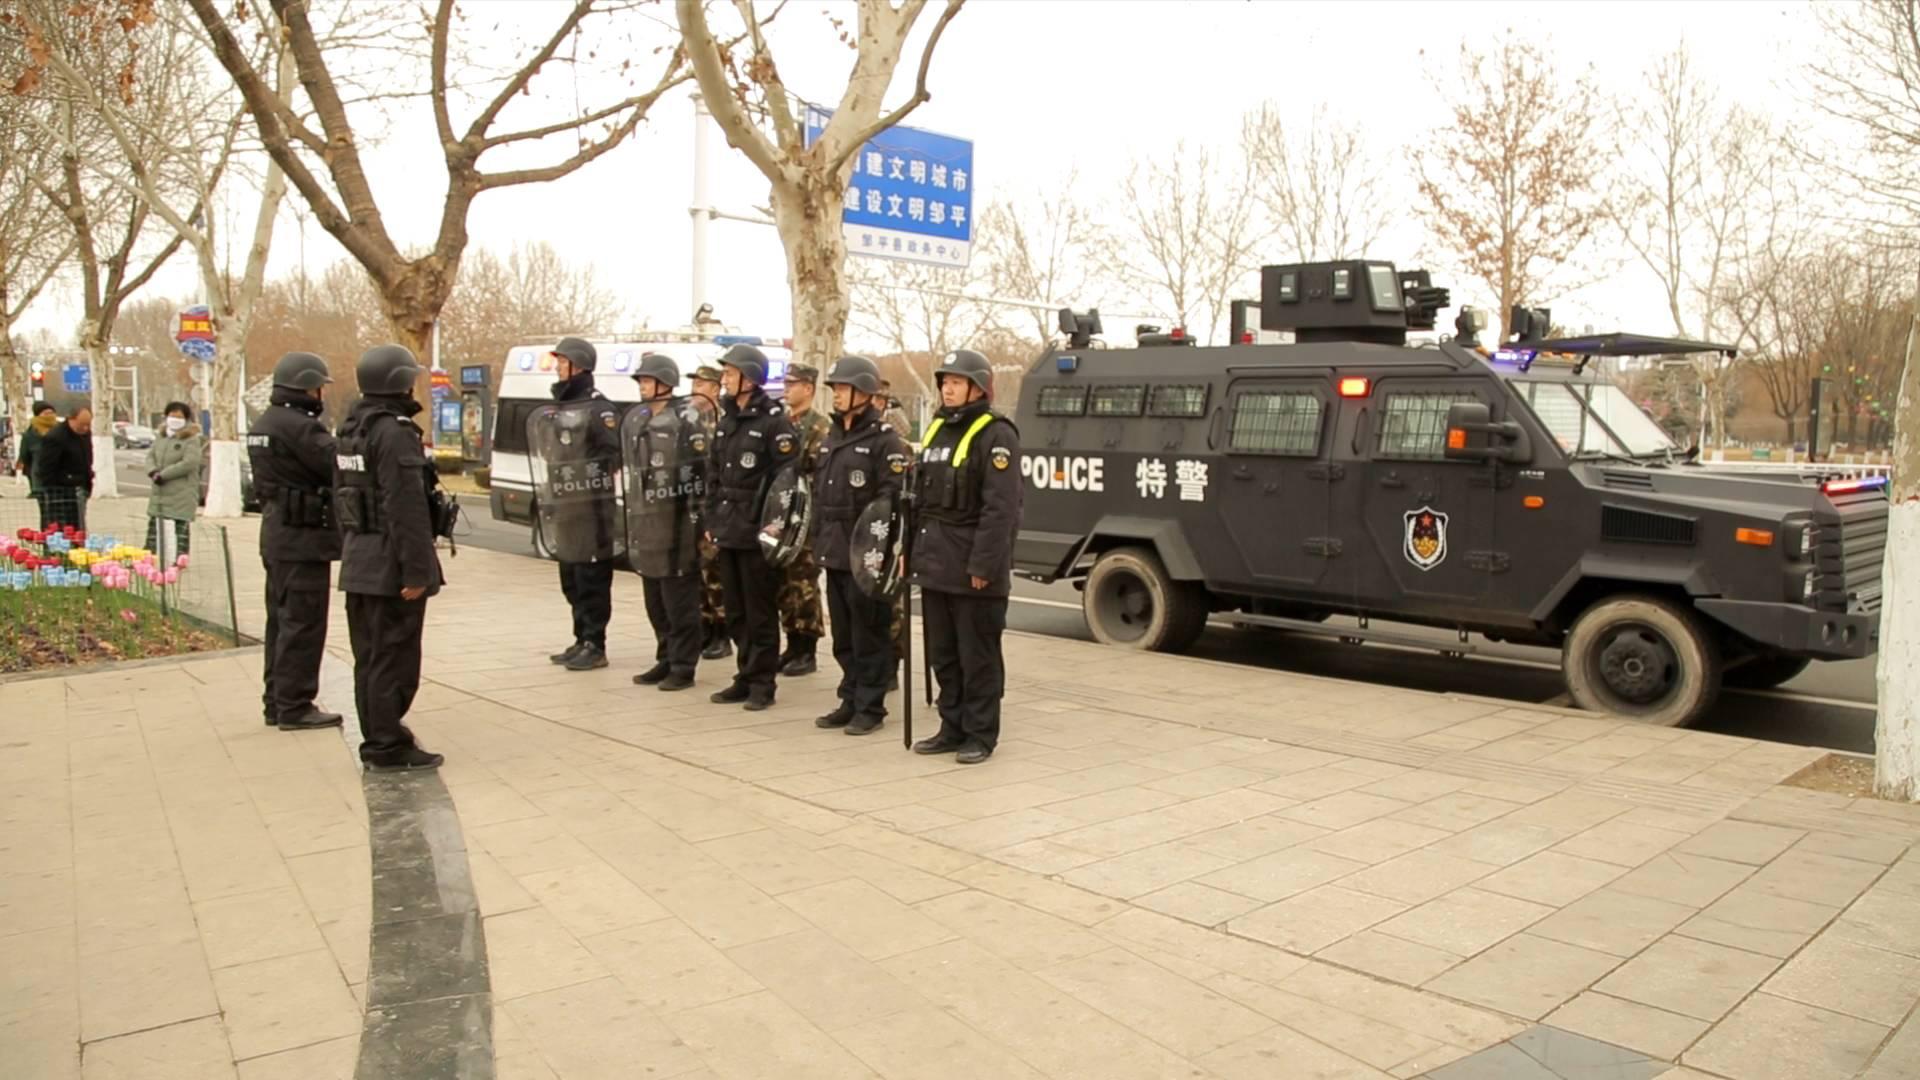 山东出动30万余警力确保春节假期治安秩序平稳社会欢乐祥和